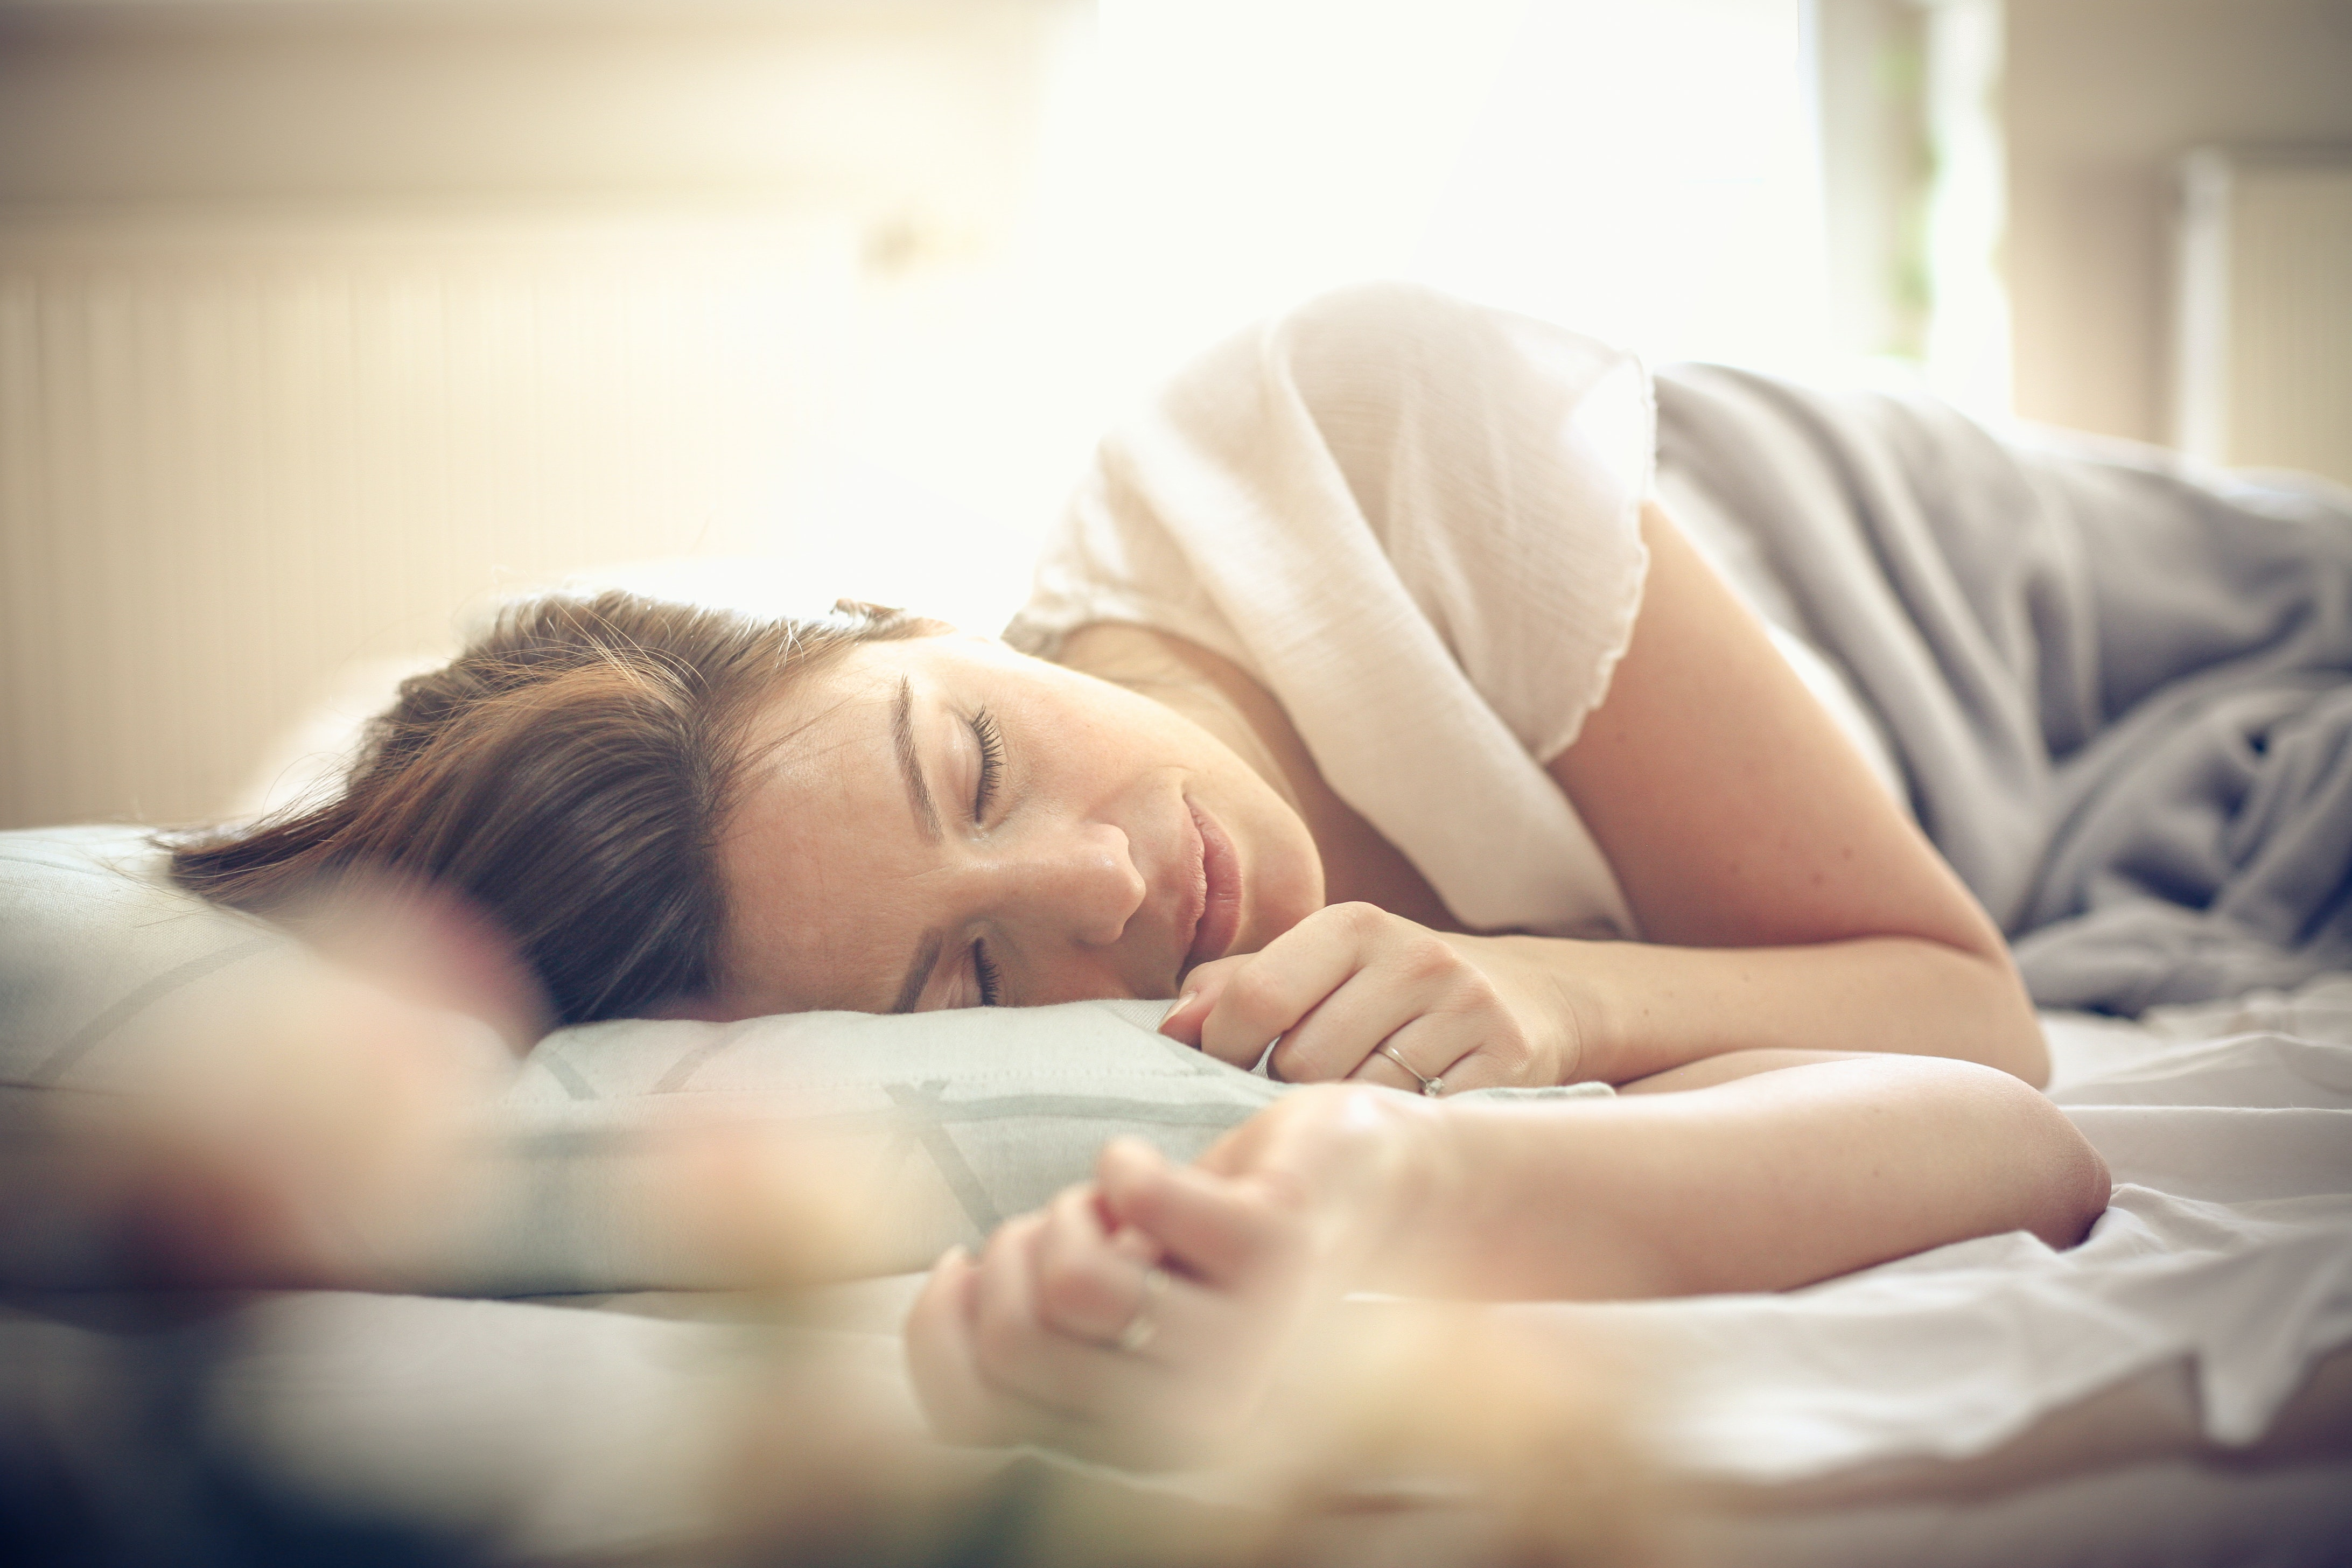 urolig nattesøvn